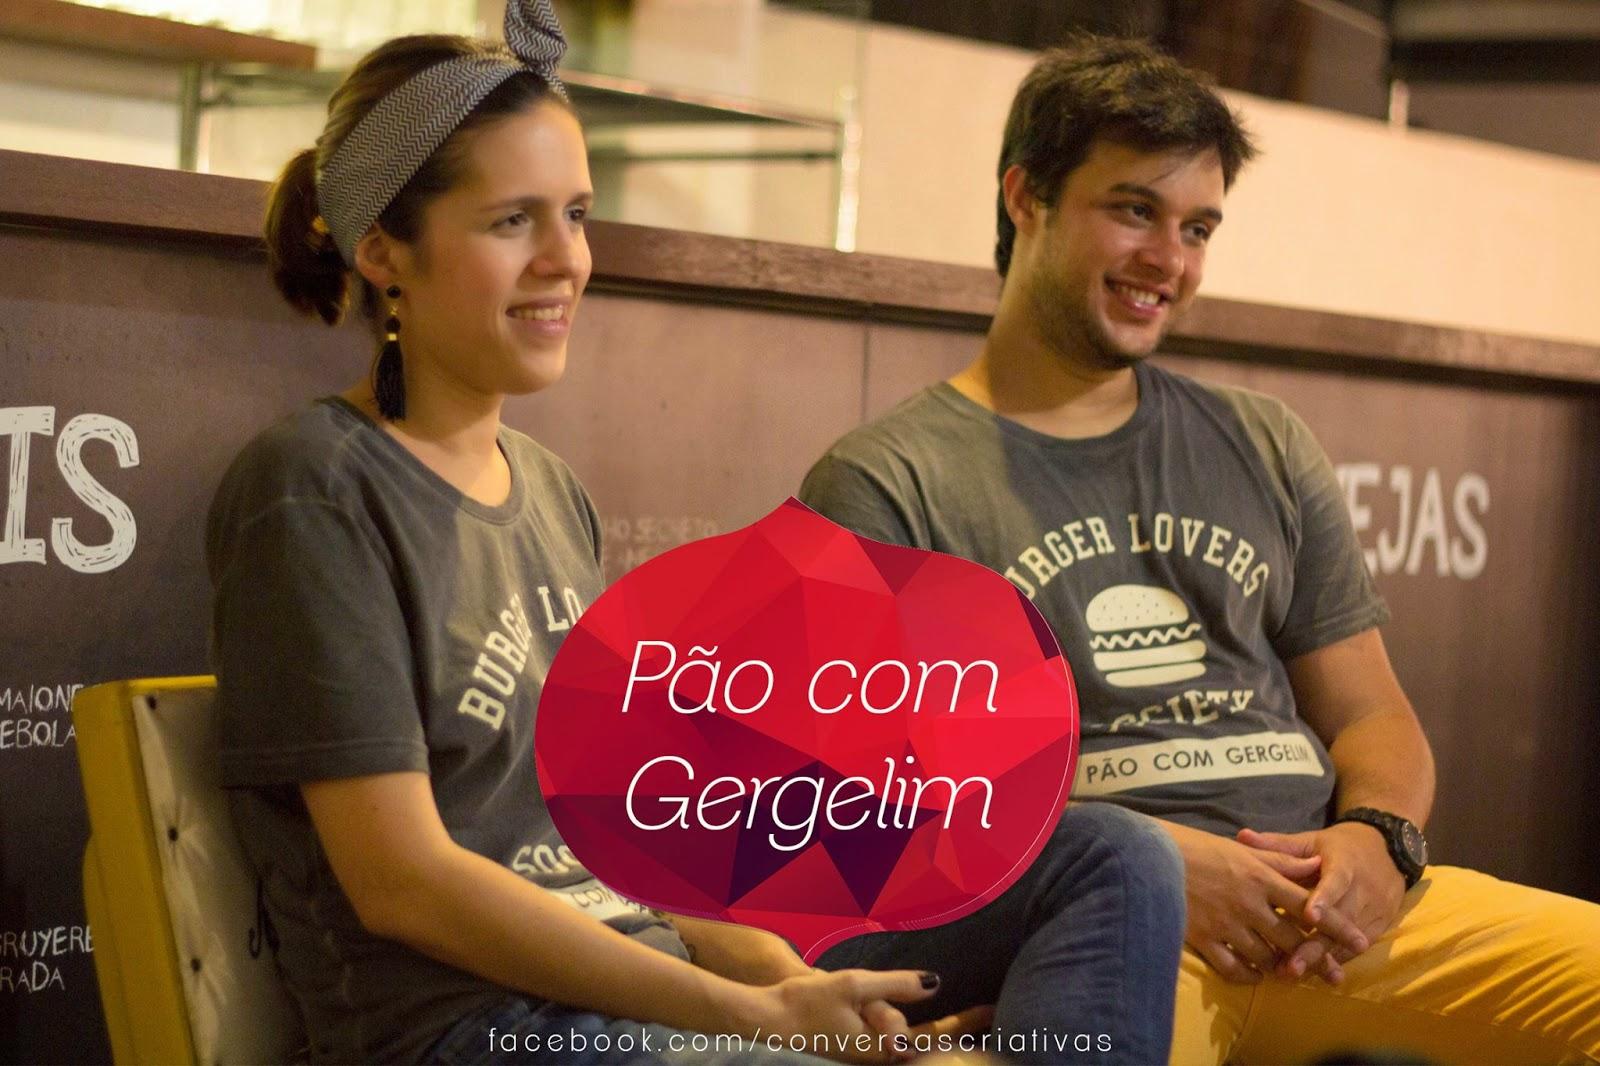 Conversas Criativas Pão com Gergelim